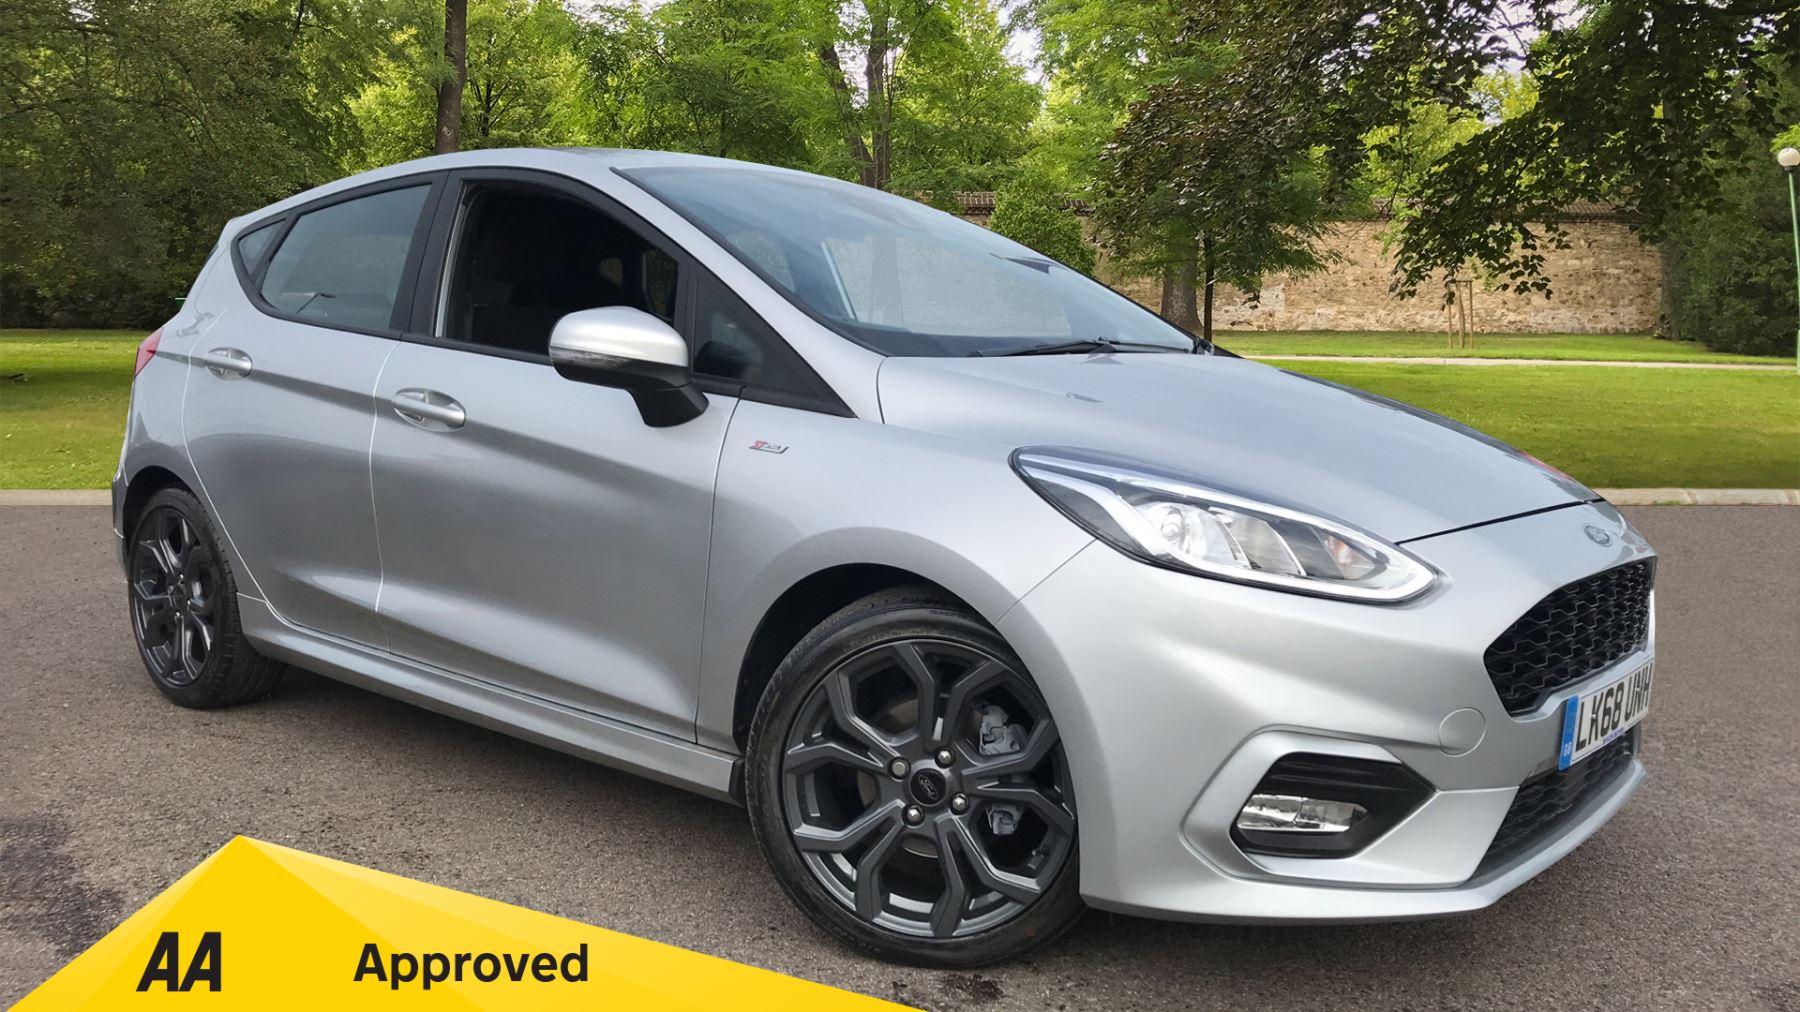 Ford Fiesta 1.0 EcoBoost 140 ST-Line 5dr Hatchback (2019)